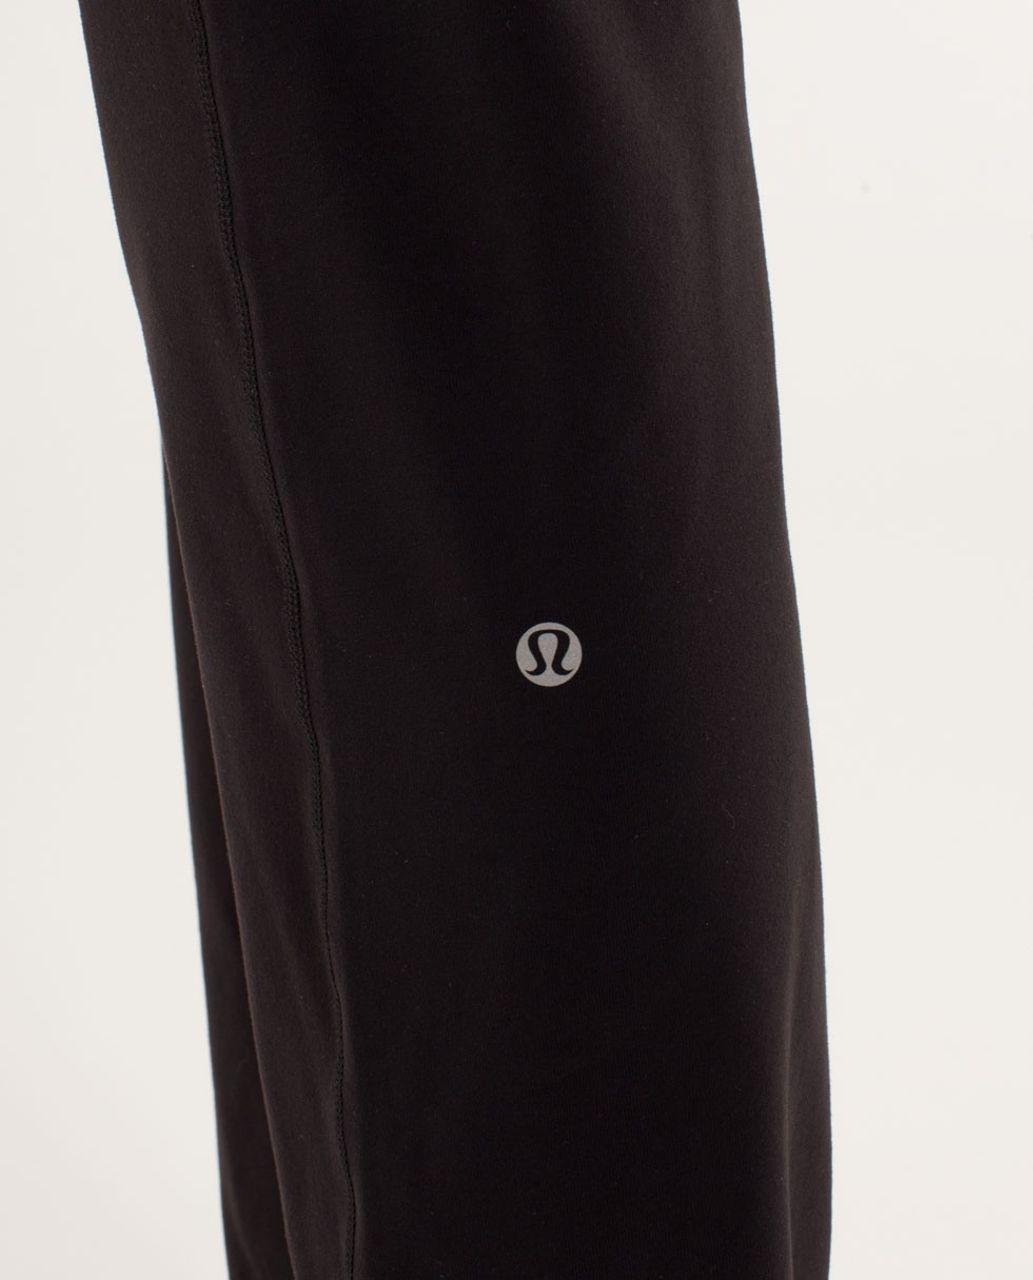 Lululemon Astro Pant (Tall) - Black / Sea Stripe Mint Moment Black / Classic Stripe Mint Moment Black